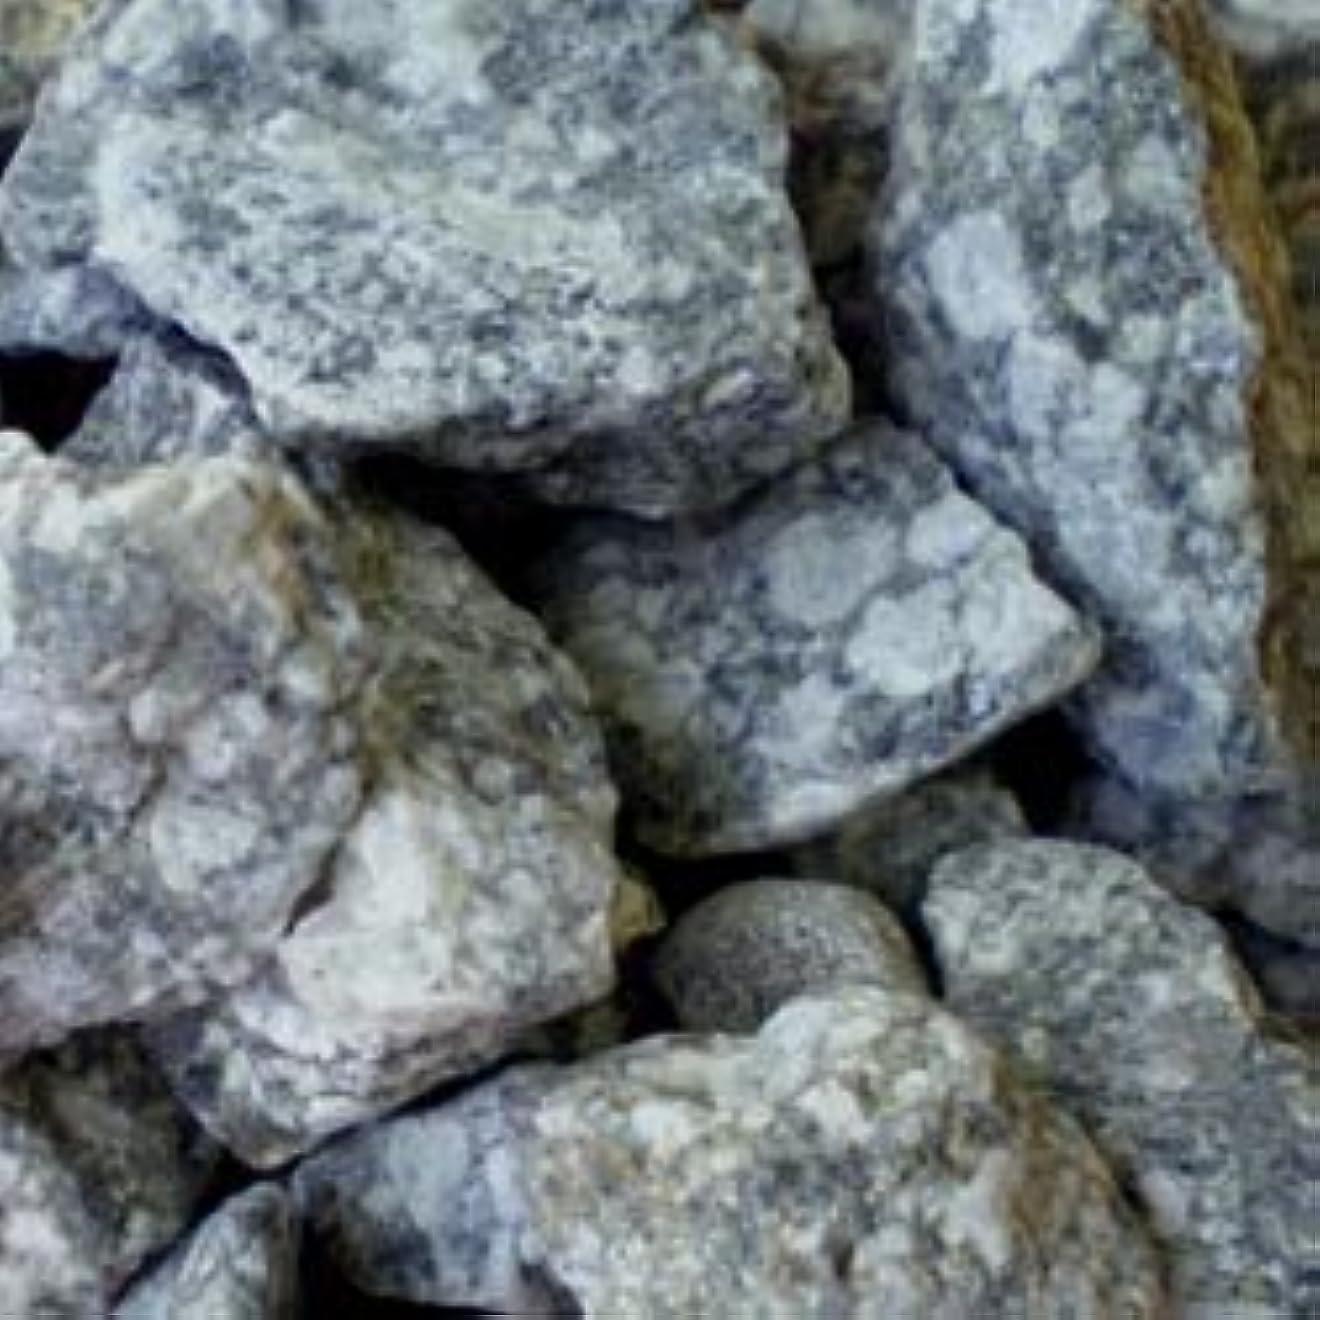 間望ましい耐える麦飯石 原石 5000g(サイズ10-30mm) (5袋セット) (5袋)